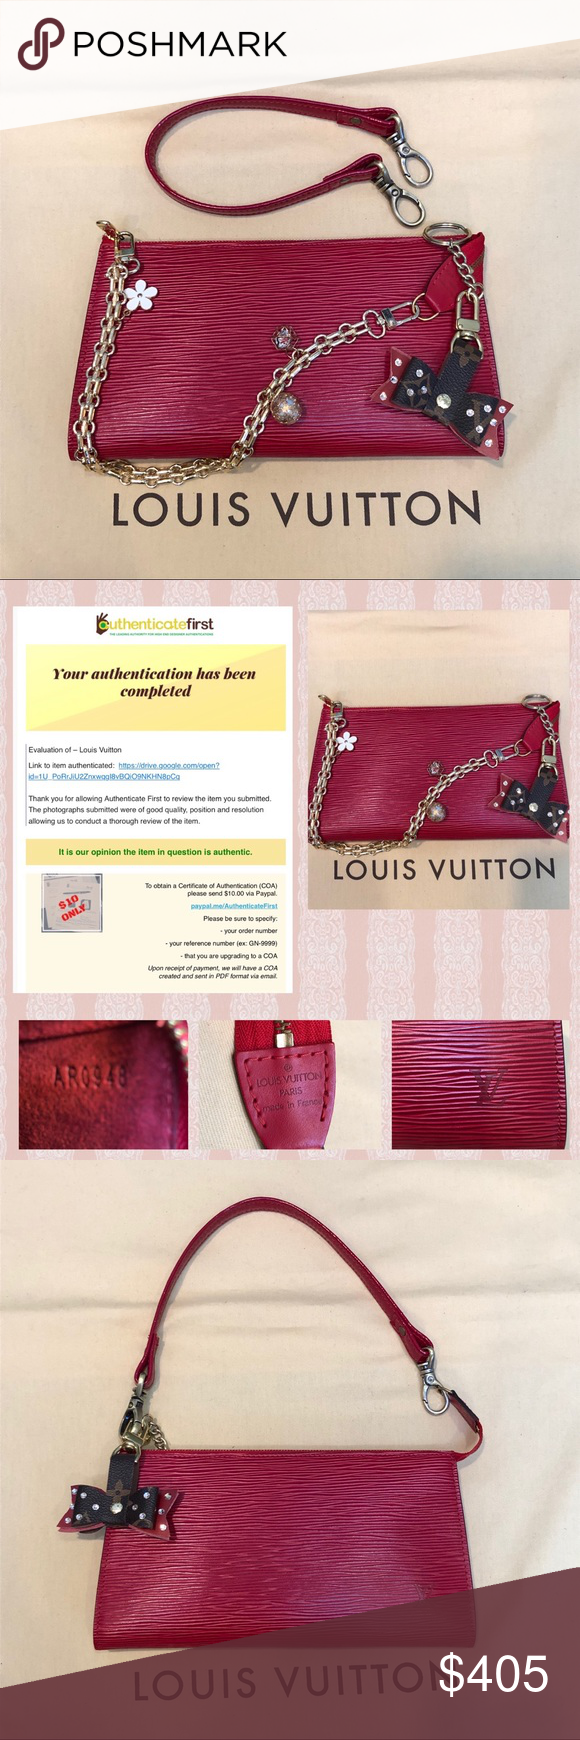 Authenticated Louis Vuitton Red Epi Pochettear0938 Gorgeous Louis Vuitton Bag In Excellent Condition This B Louis Vuitton Red Louis Vuitton Louis Vuitton Bag